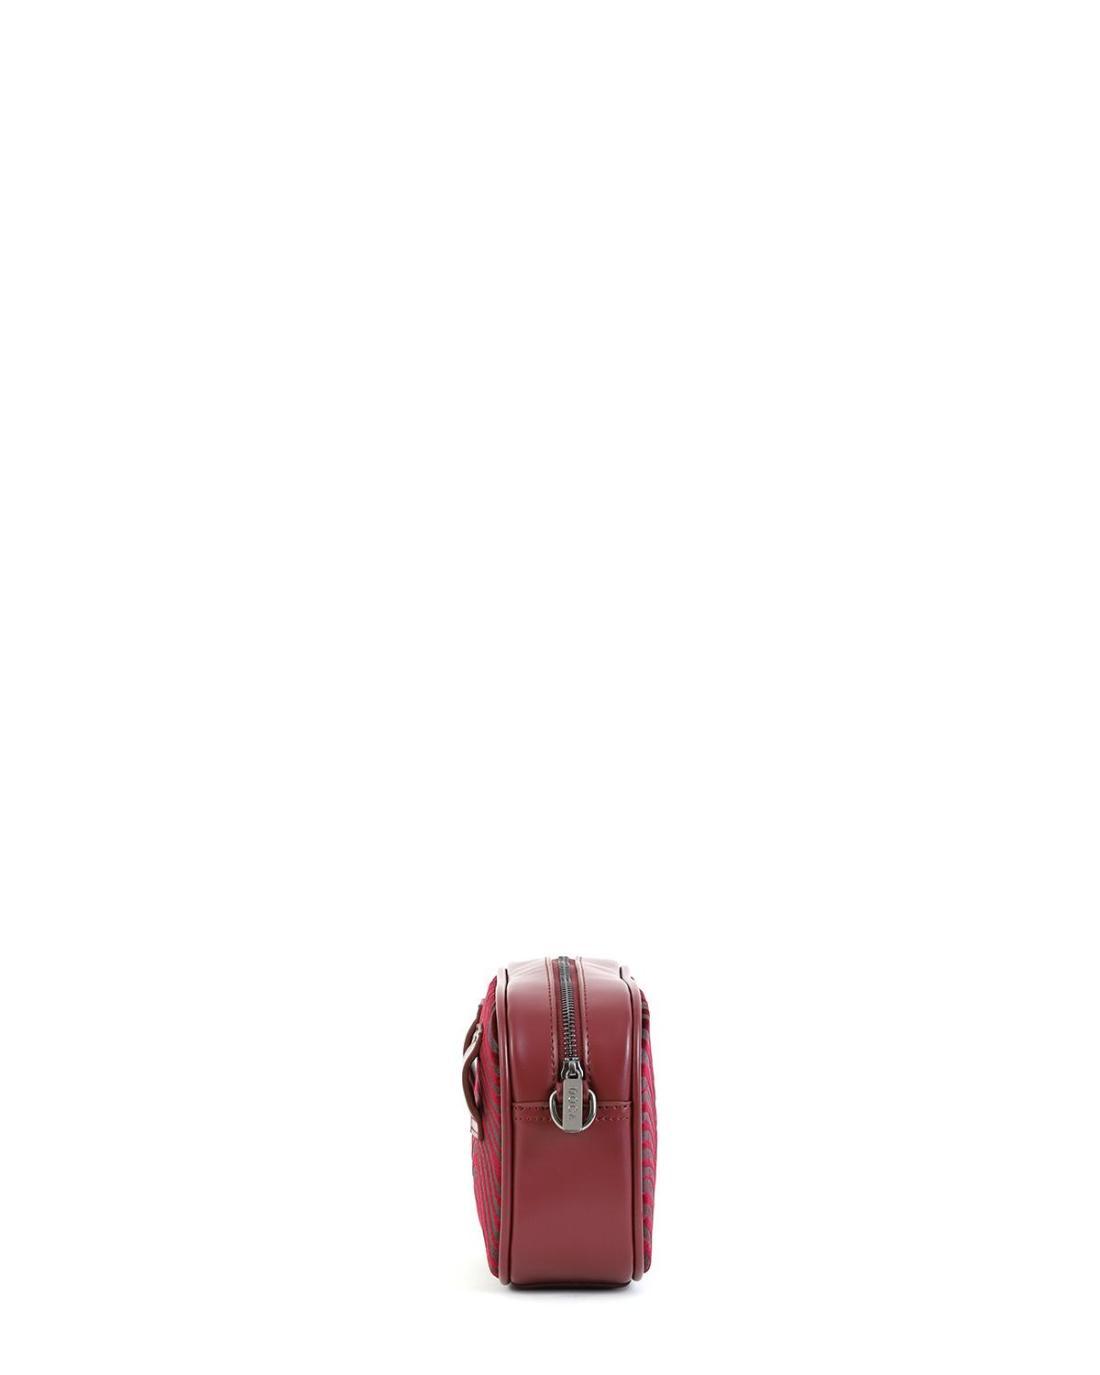 Bordeaux belt/cross body bag